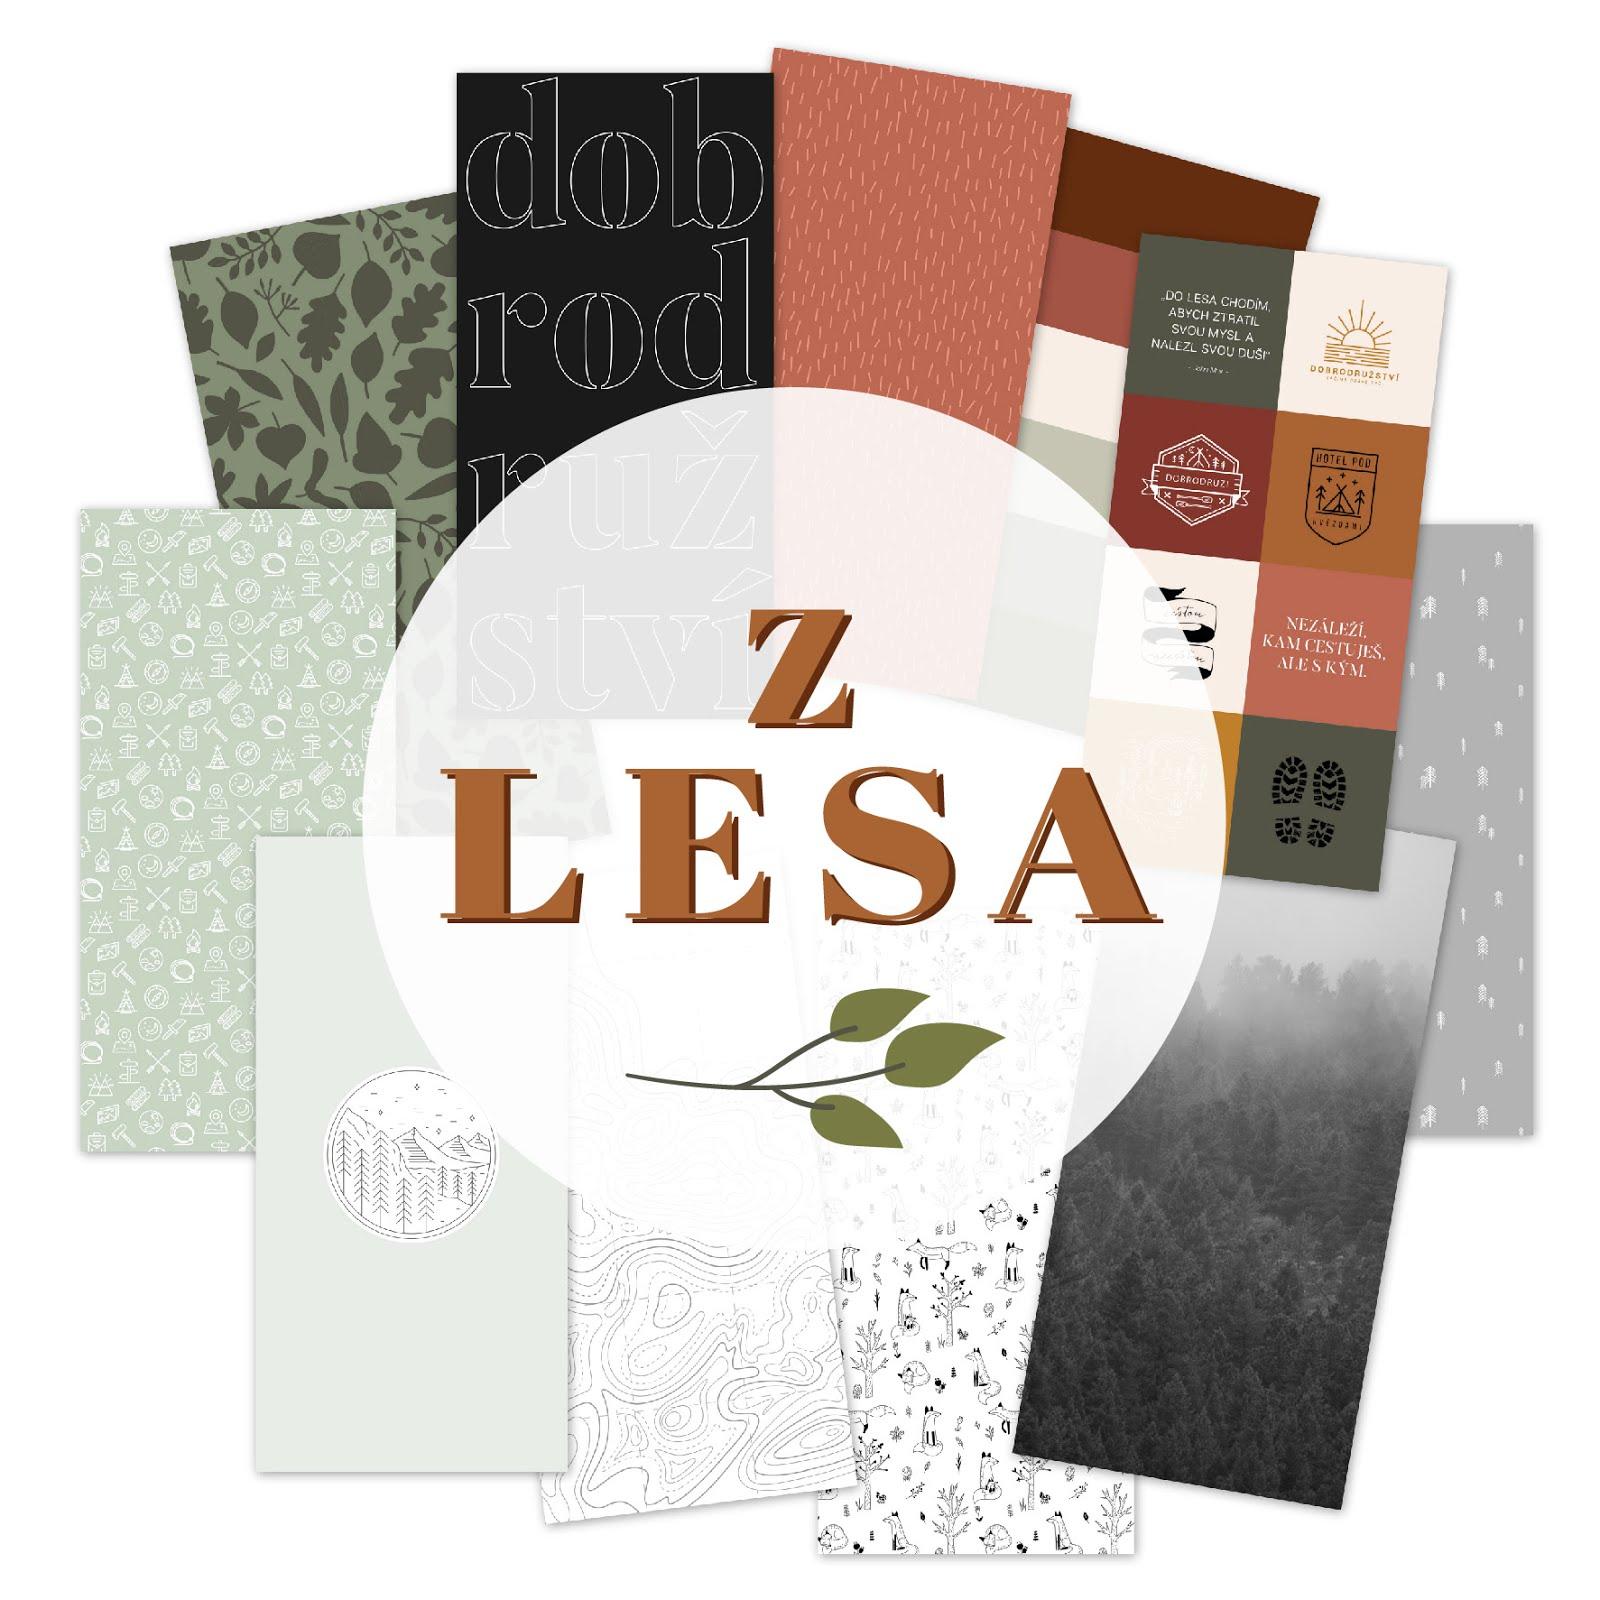 Nová deníková kolekce Z LESA